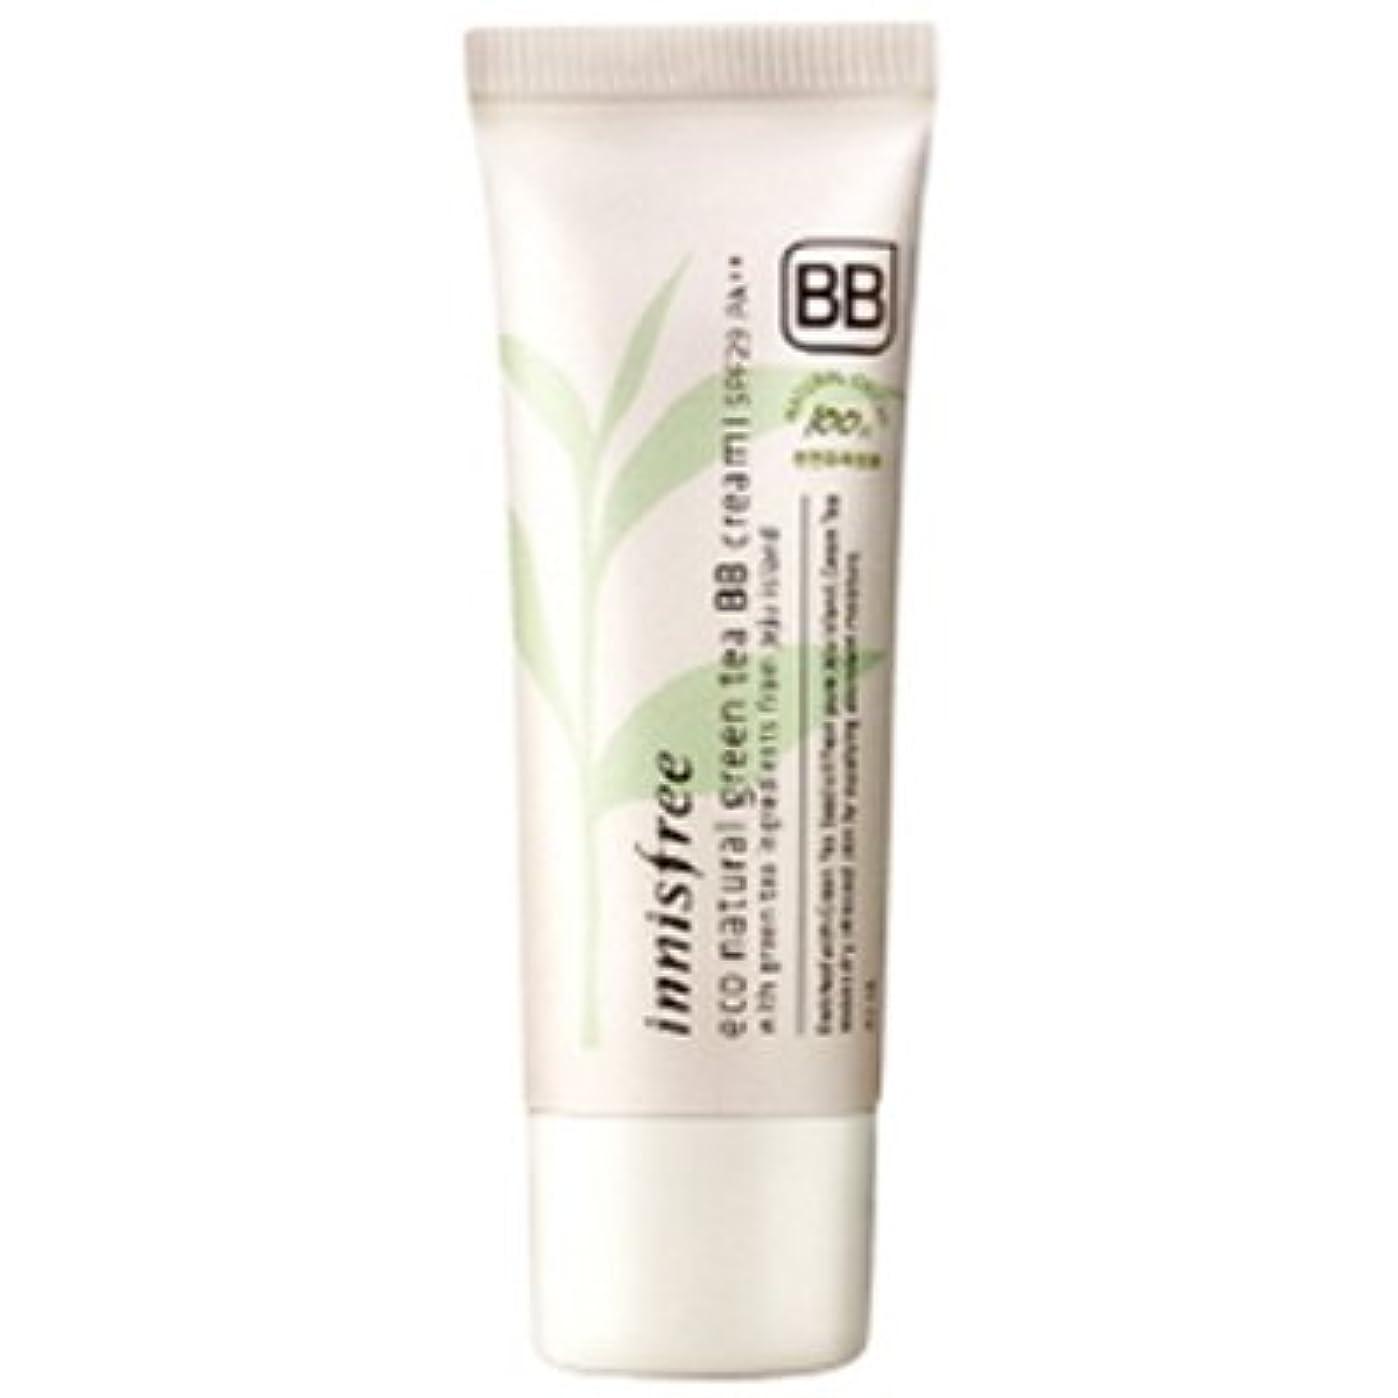 くさび章分類innisfree(イニスフリー) Eco natural green tea BB cream エコ ナチュラル グリーン ティー BB クリーム SPF29/PA++ 40ml #1:ライトベージュ